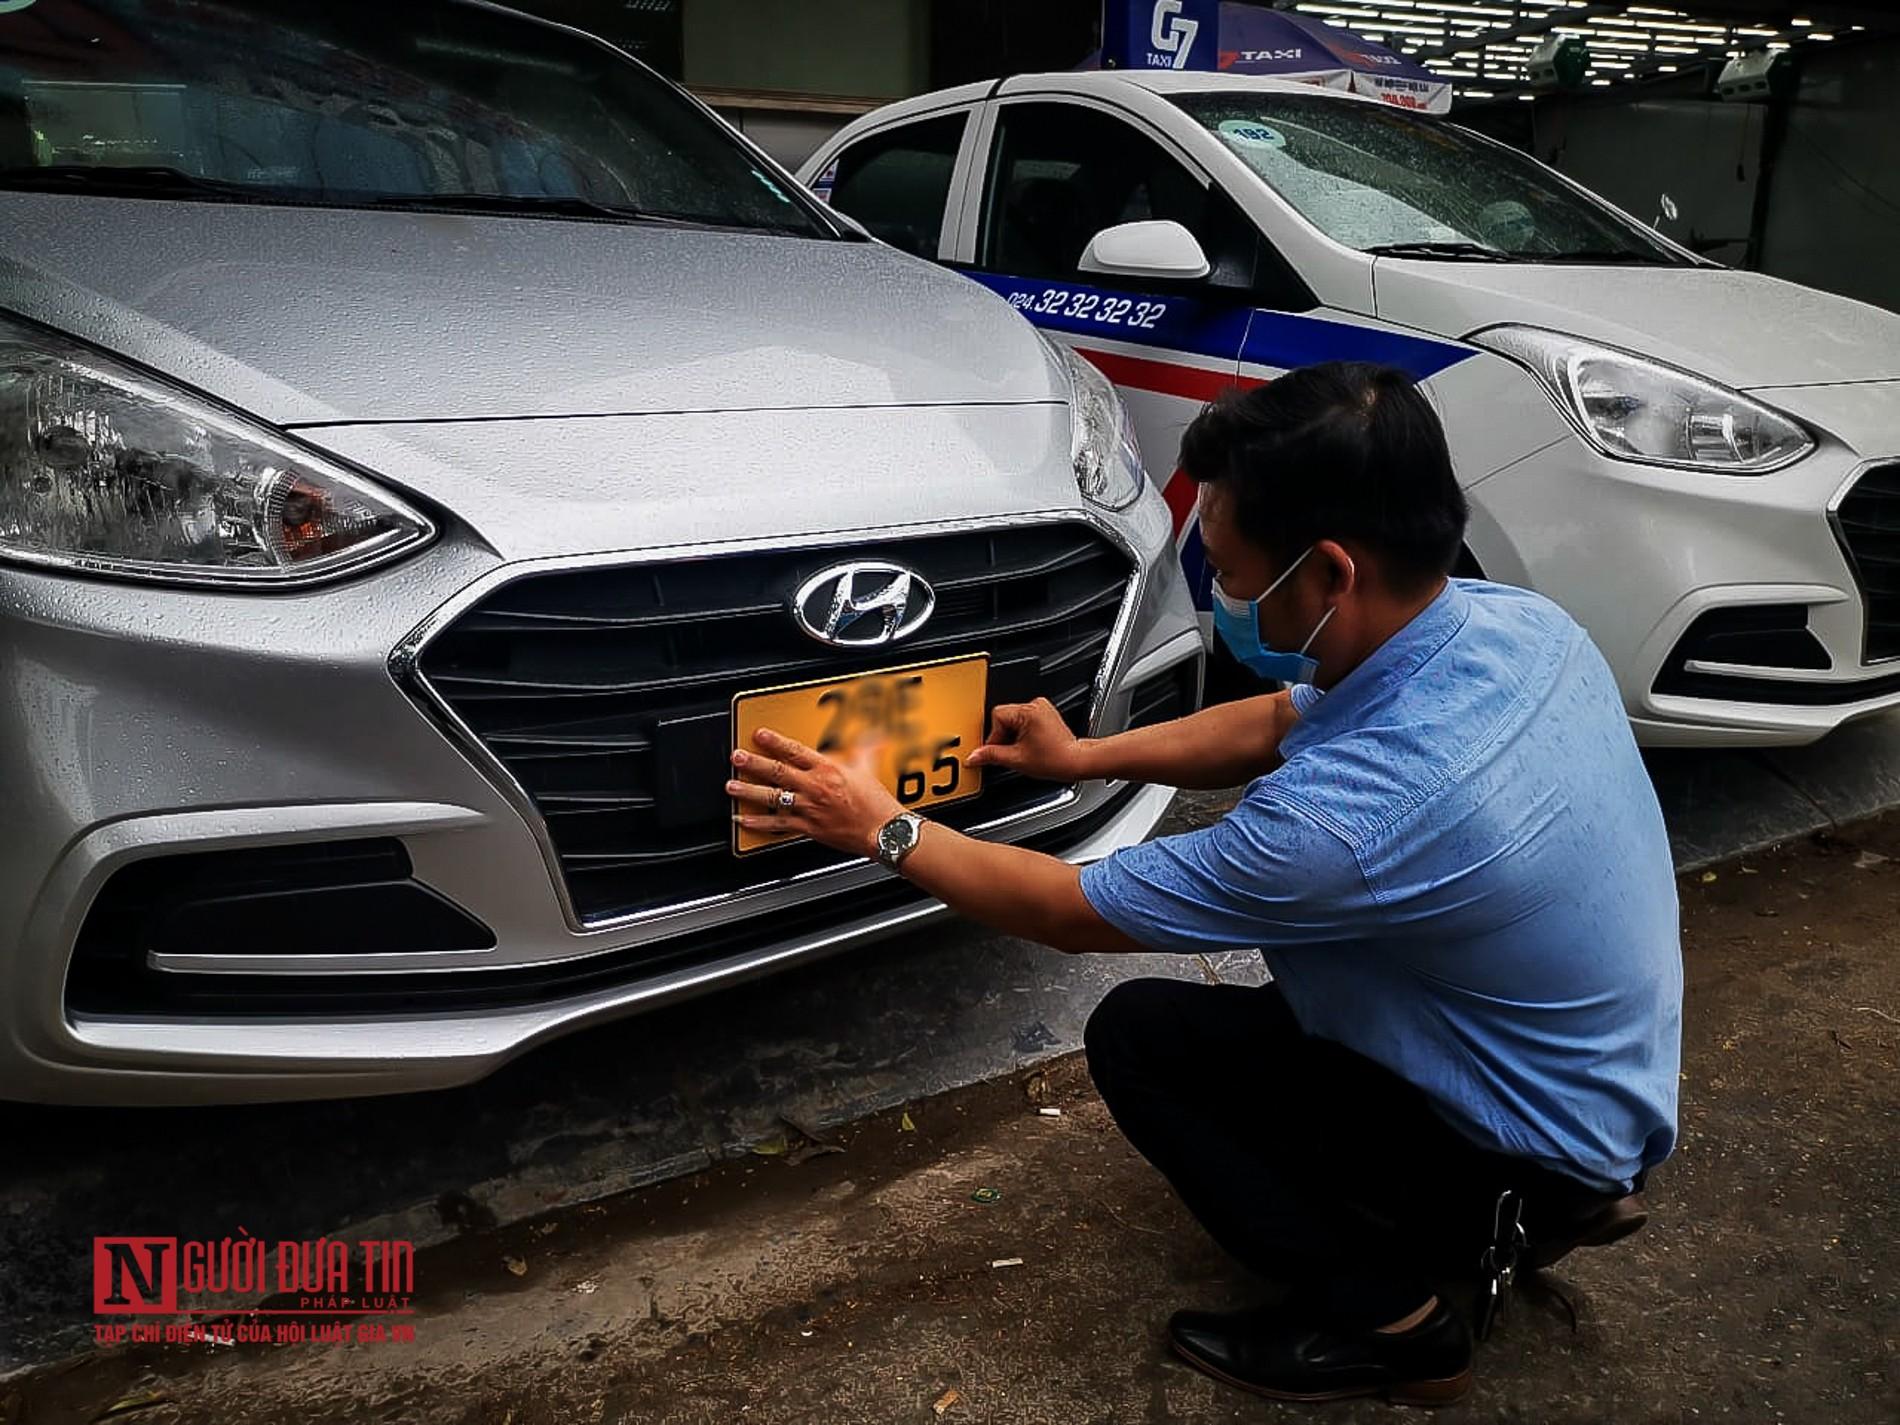 Lộ diện biển số màu vàng cho xe ô tô kinh doanh dịch vụ-8